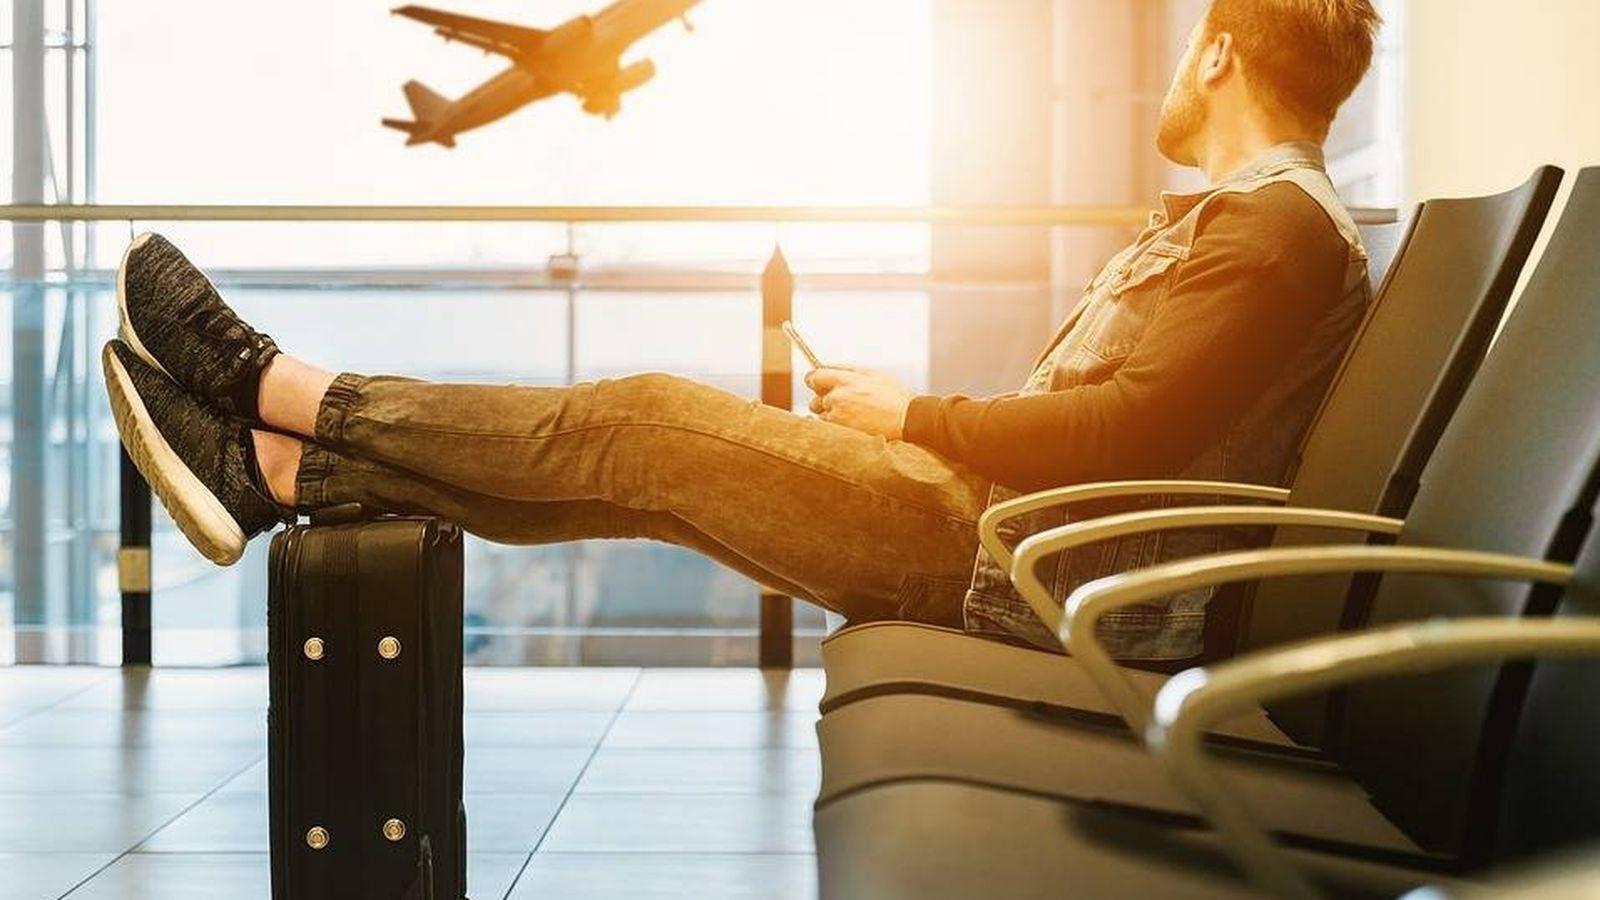 Foto: Viajero en un aeropuerto | Pixabay